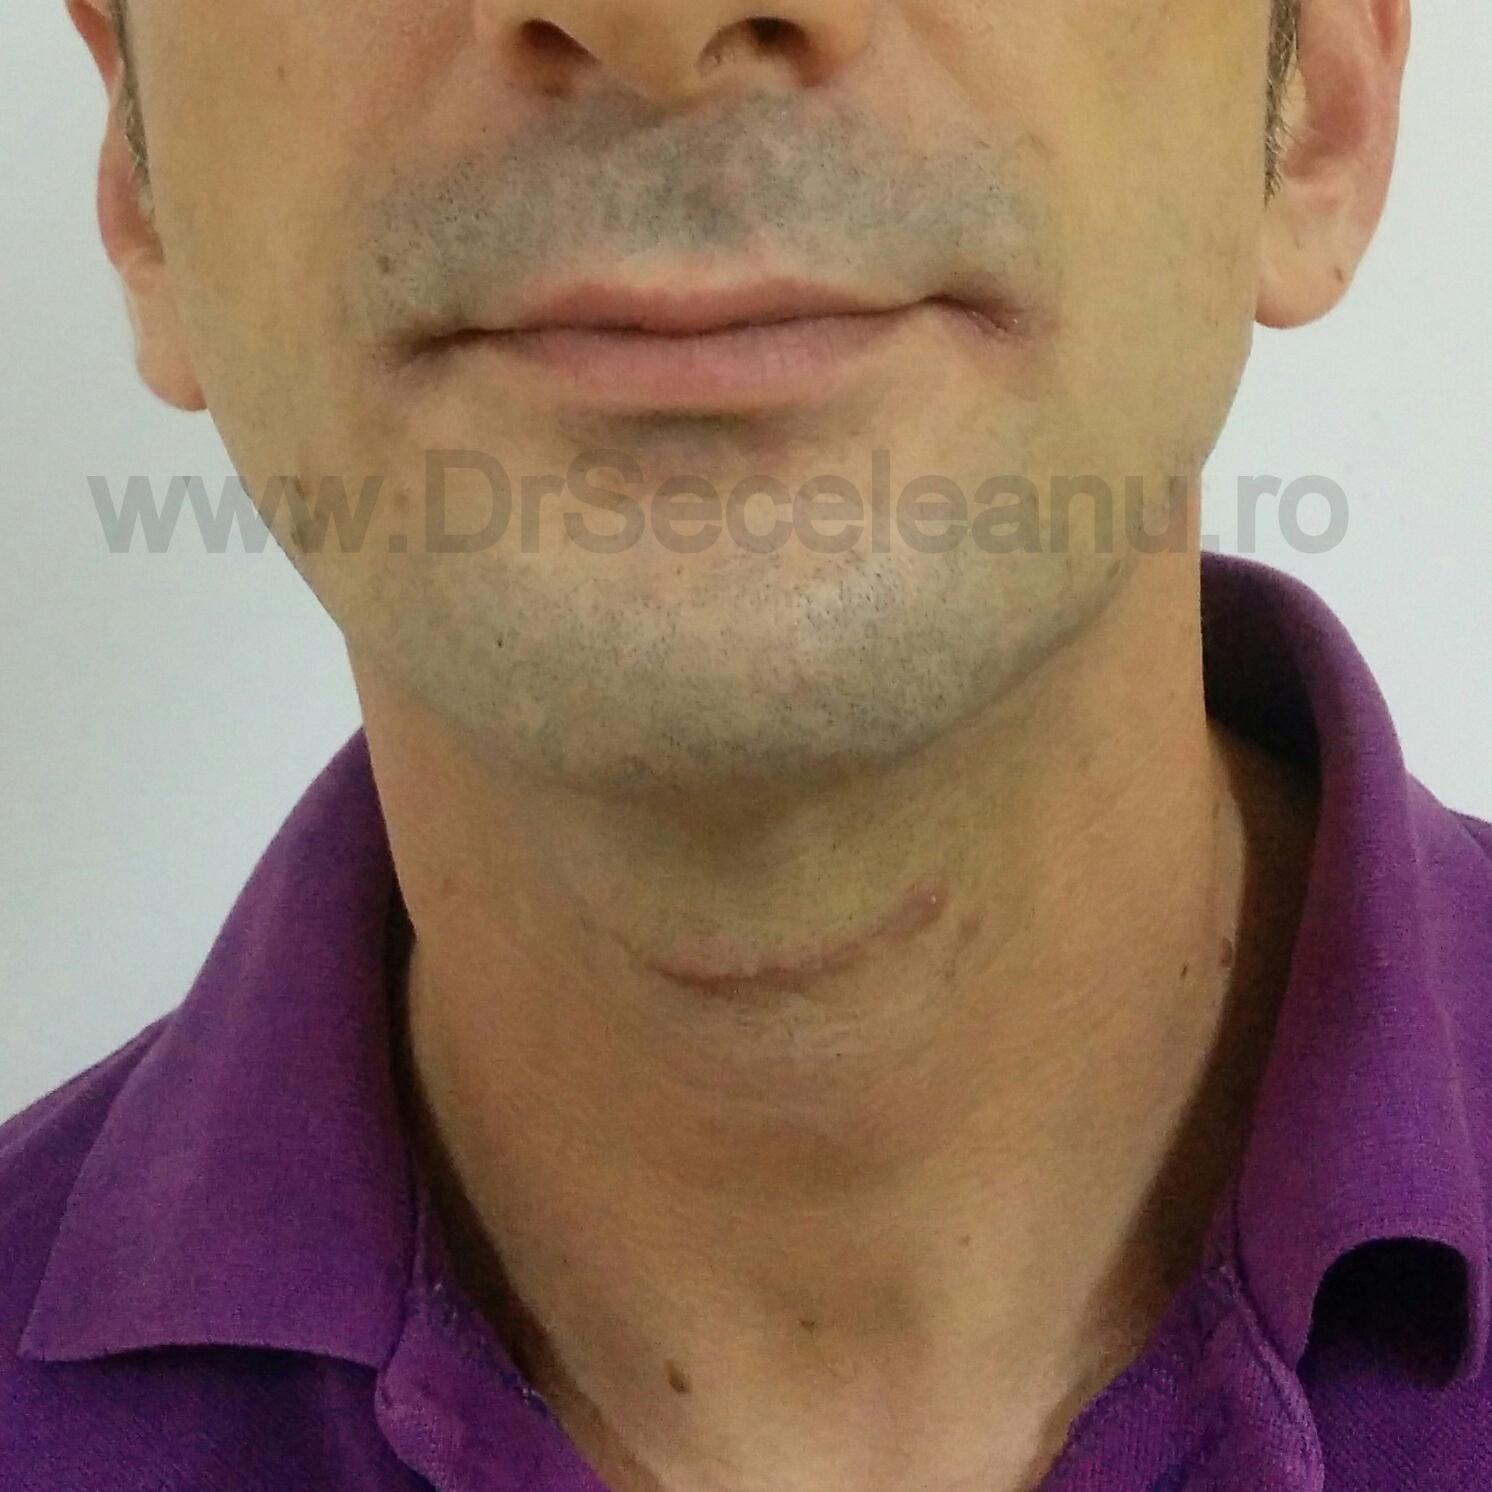 Cicatrice postoperator vedere frontala Excizie chist tiroida